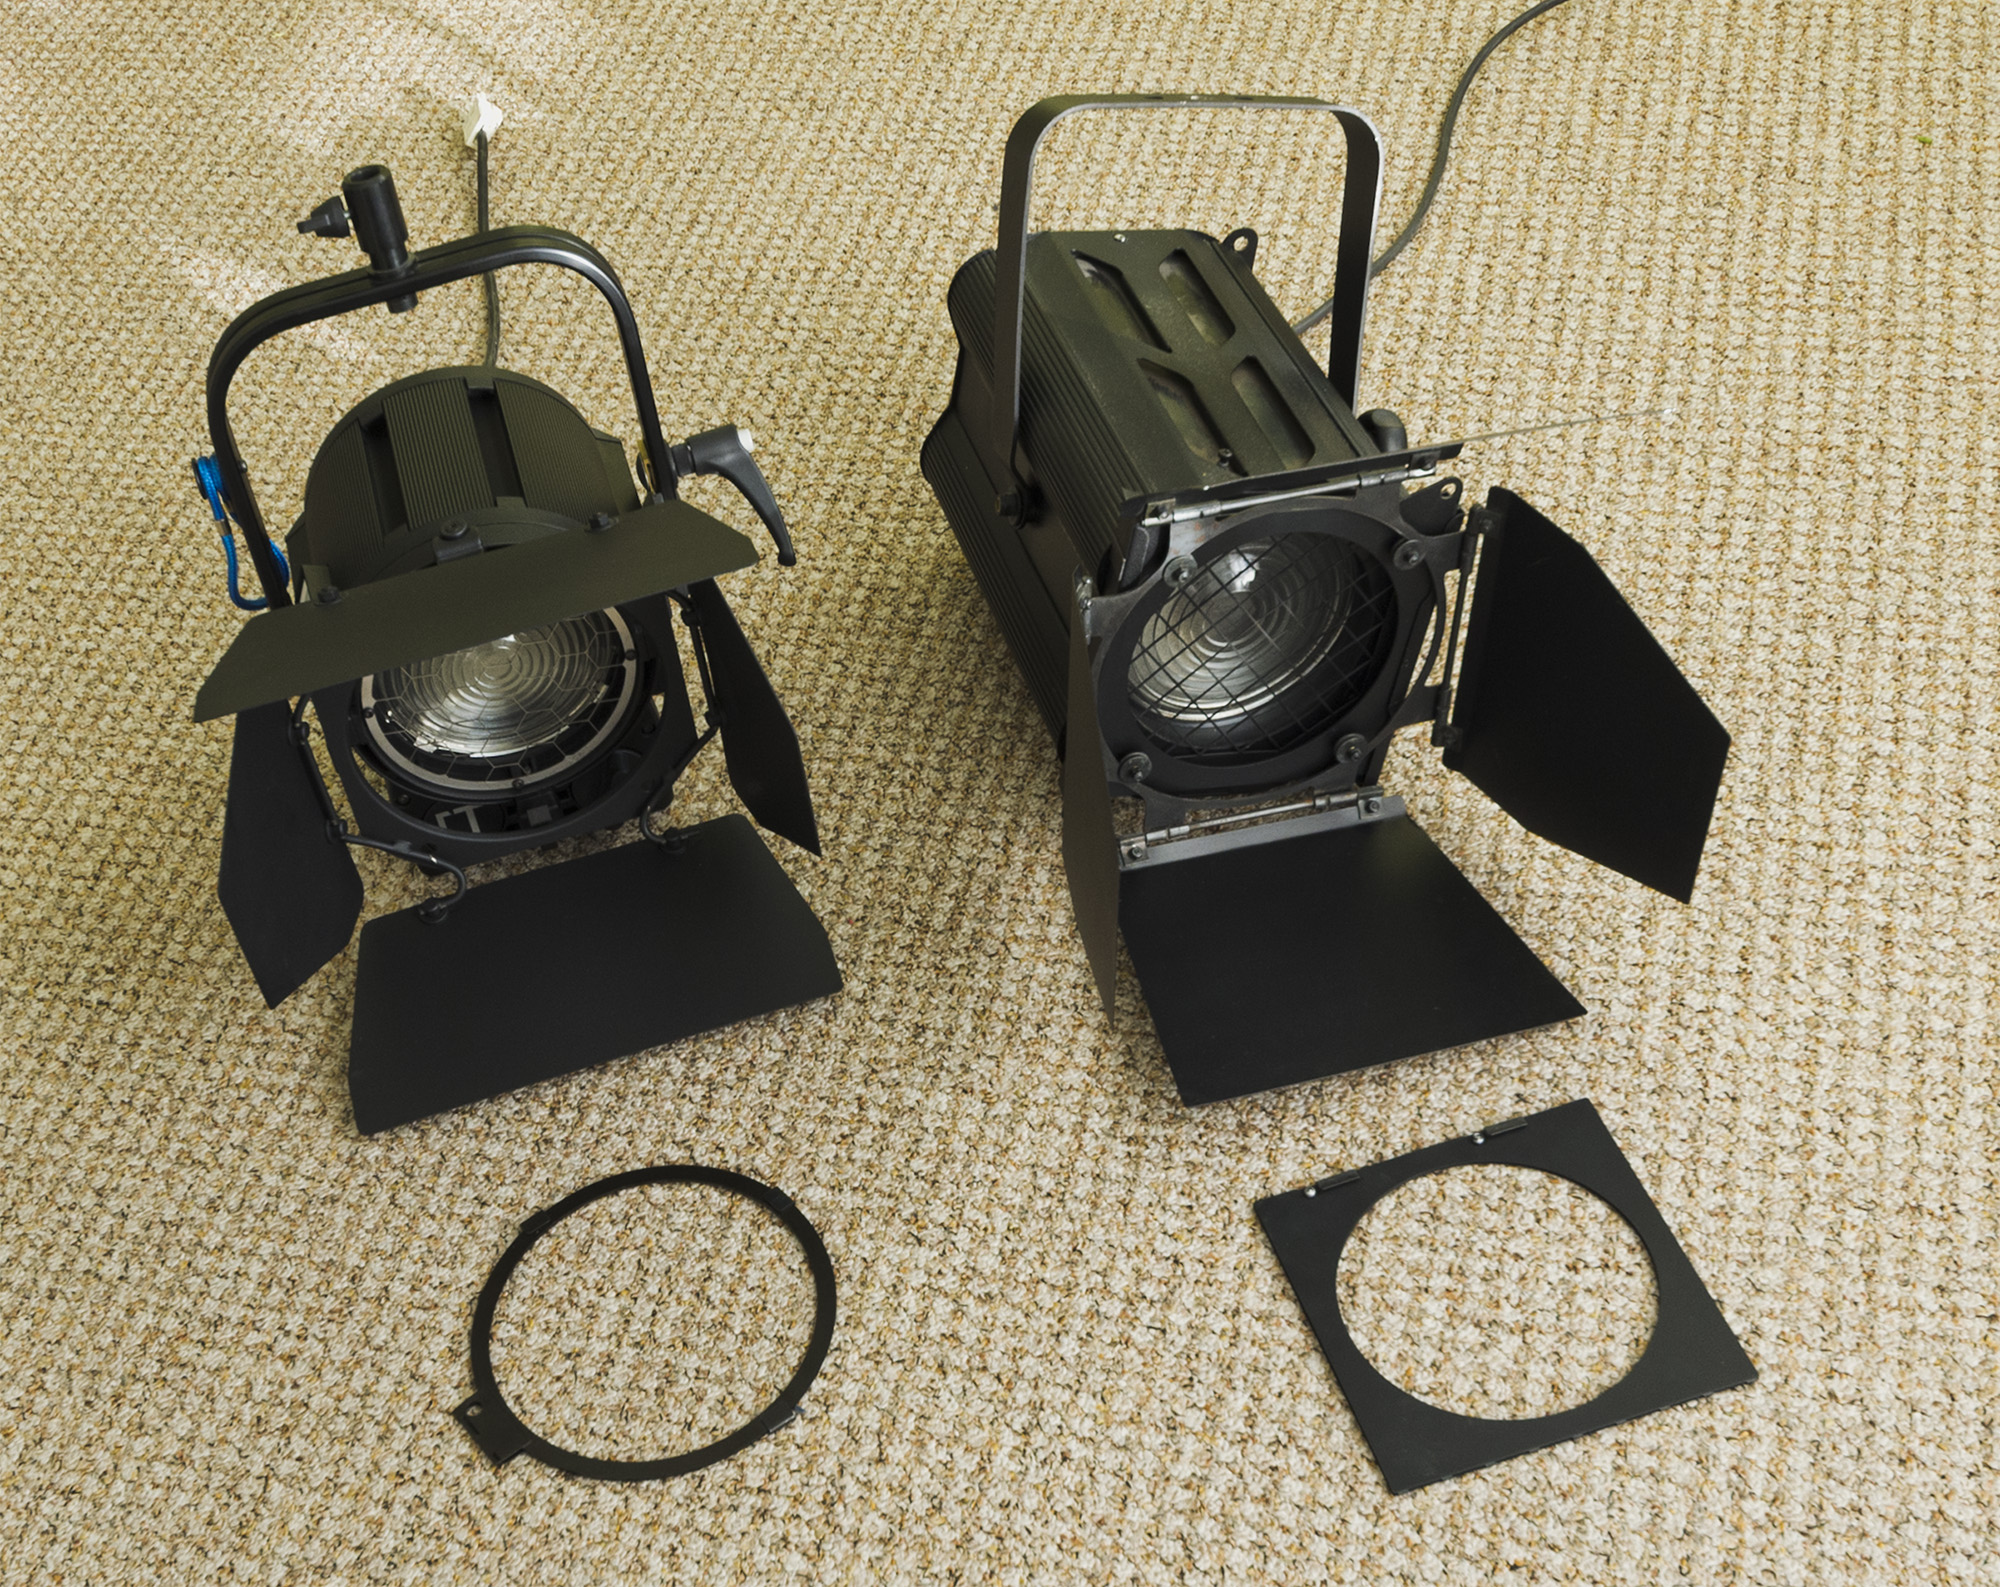 ARRI T1 (links), LDR Aria F1000 (rechts)